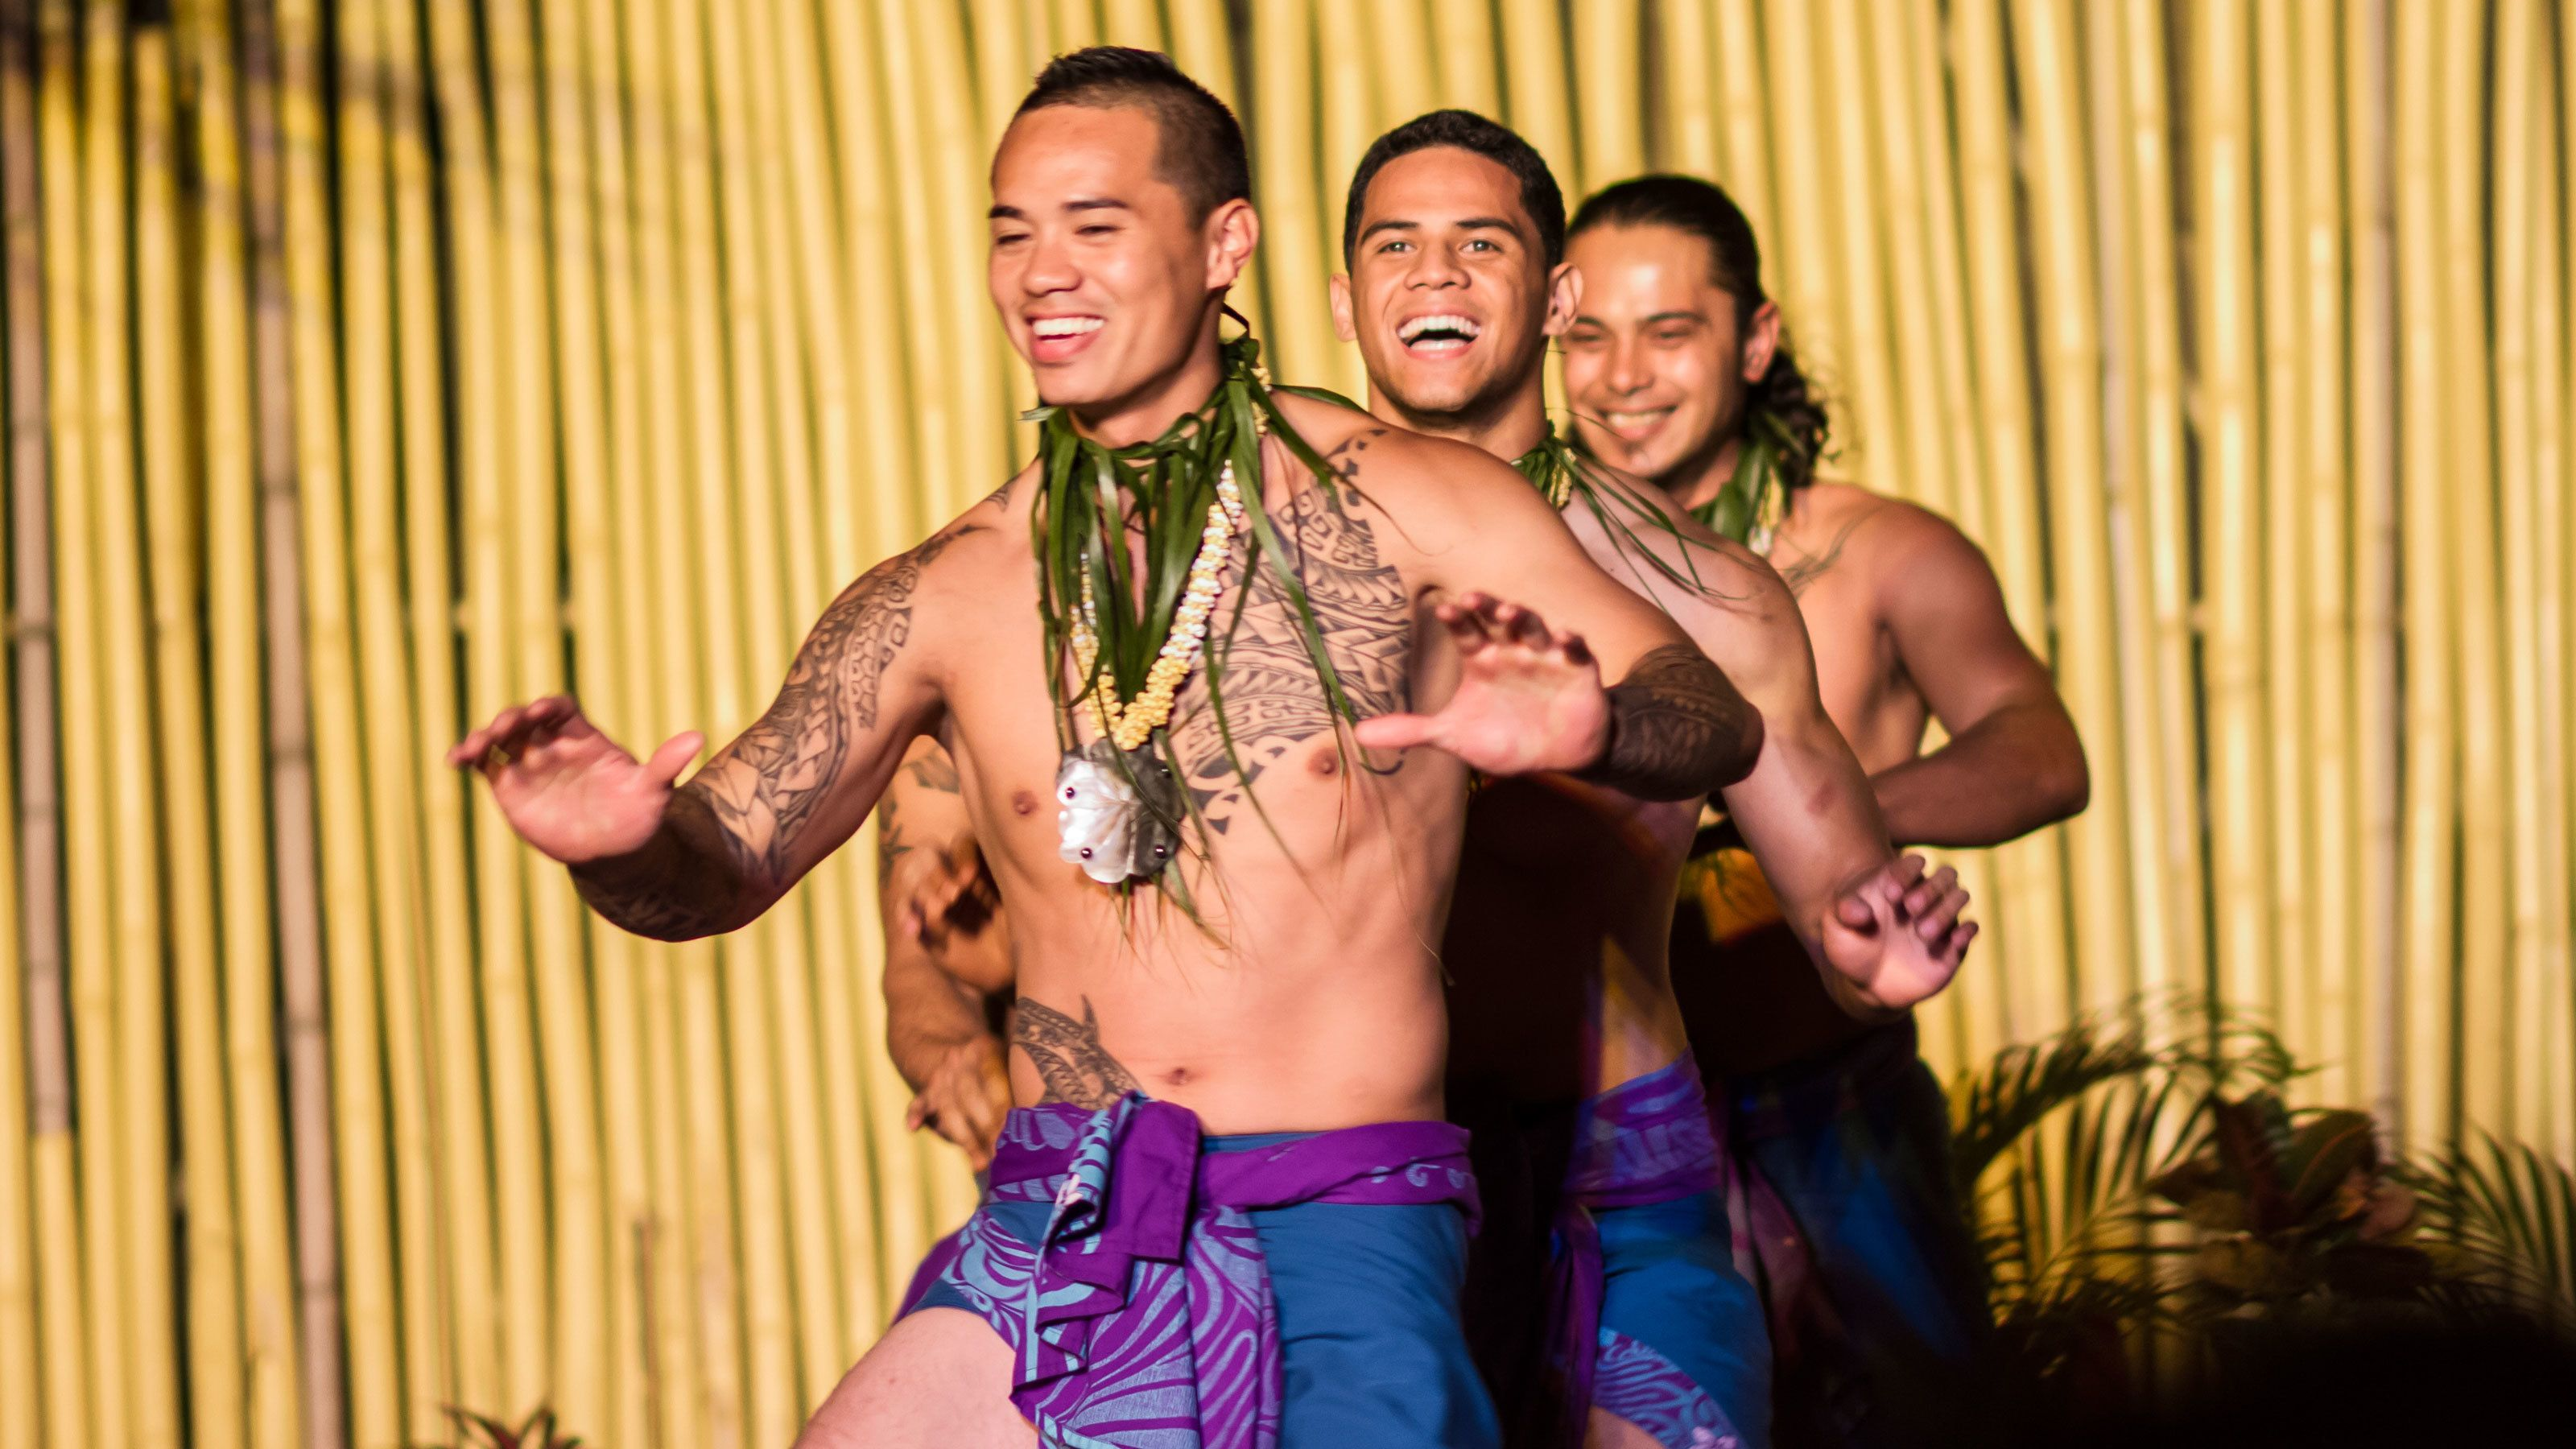 Three guys performing at the Luau at Royal Lahaina Resort in Maui